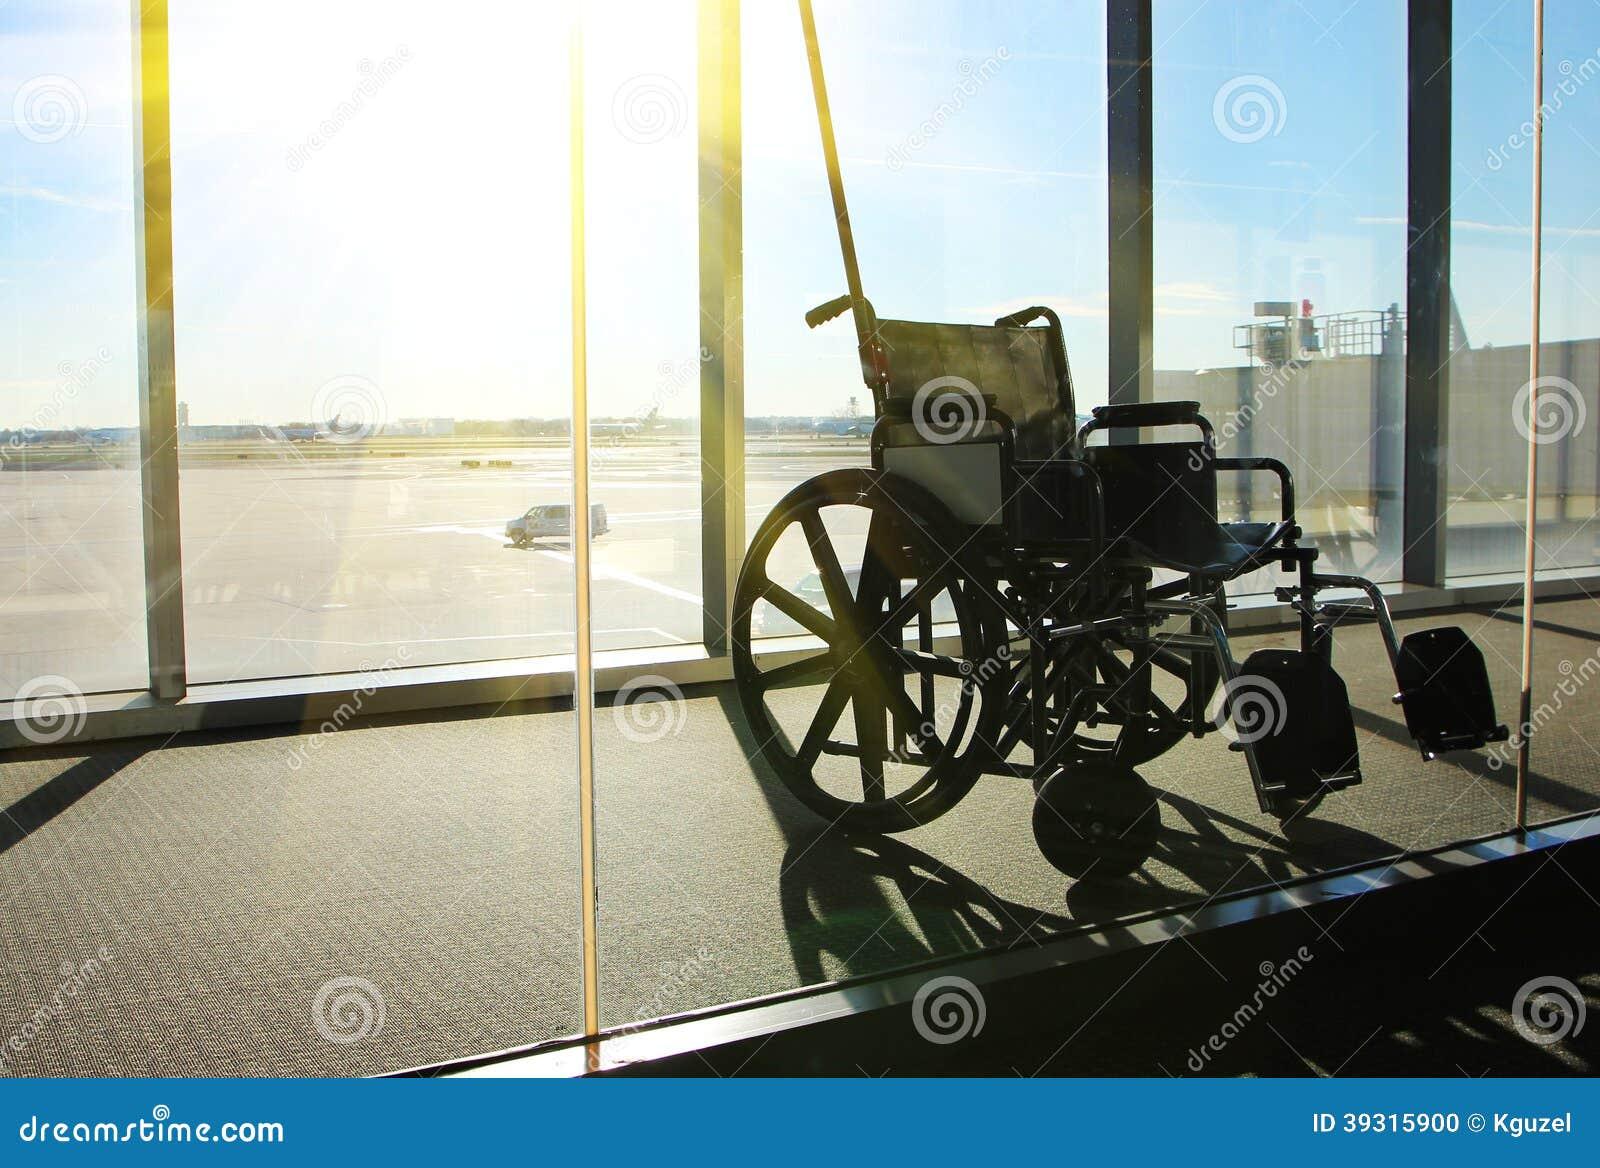 Aeroporto Servizio Terminale Della Sedia Fotografia A In Rotelle Di Y76fybgv